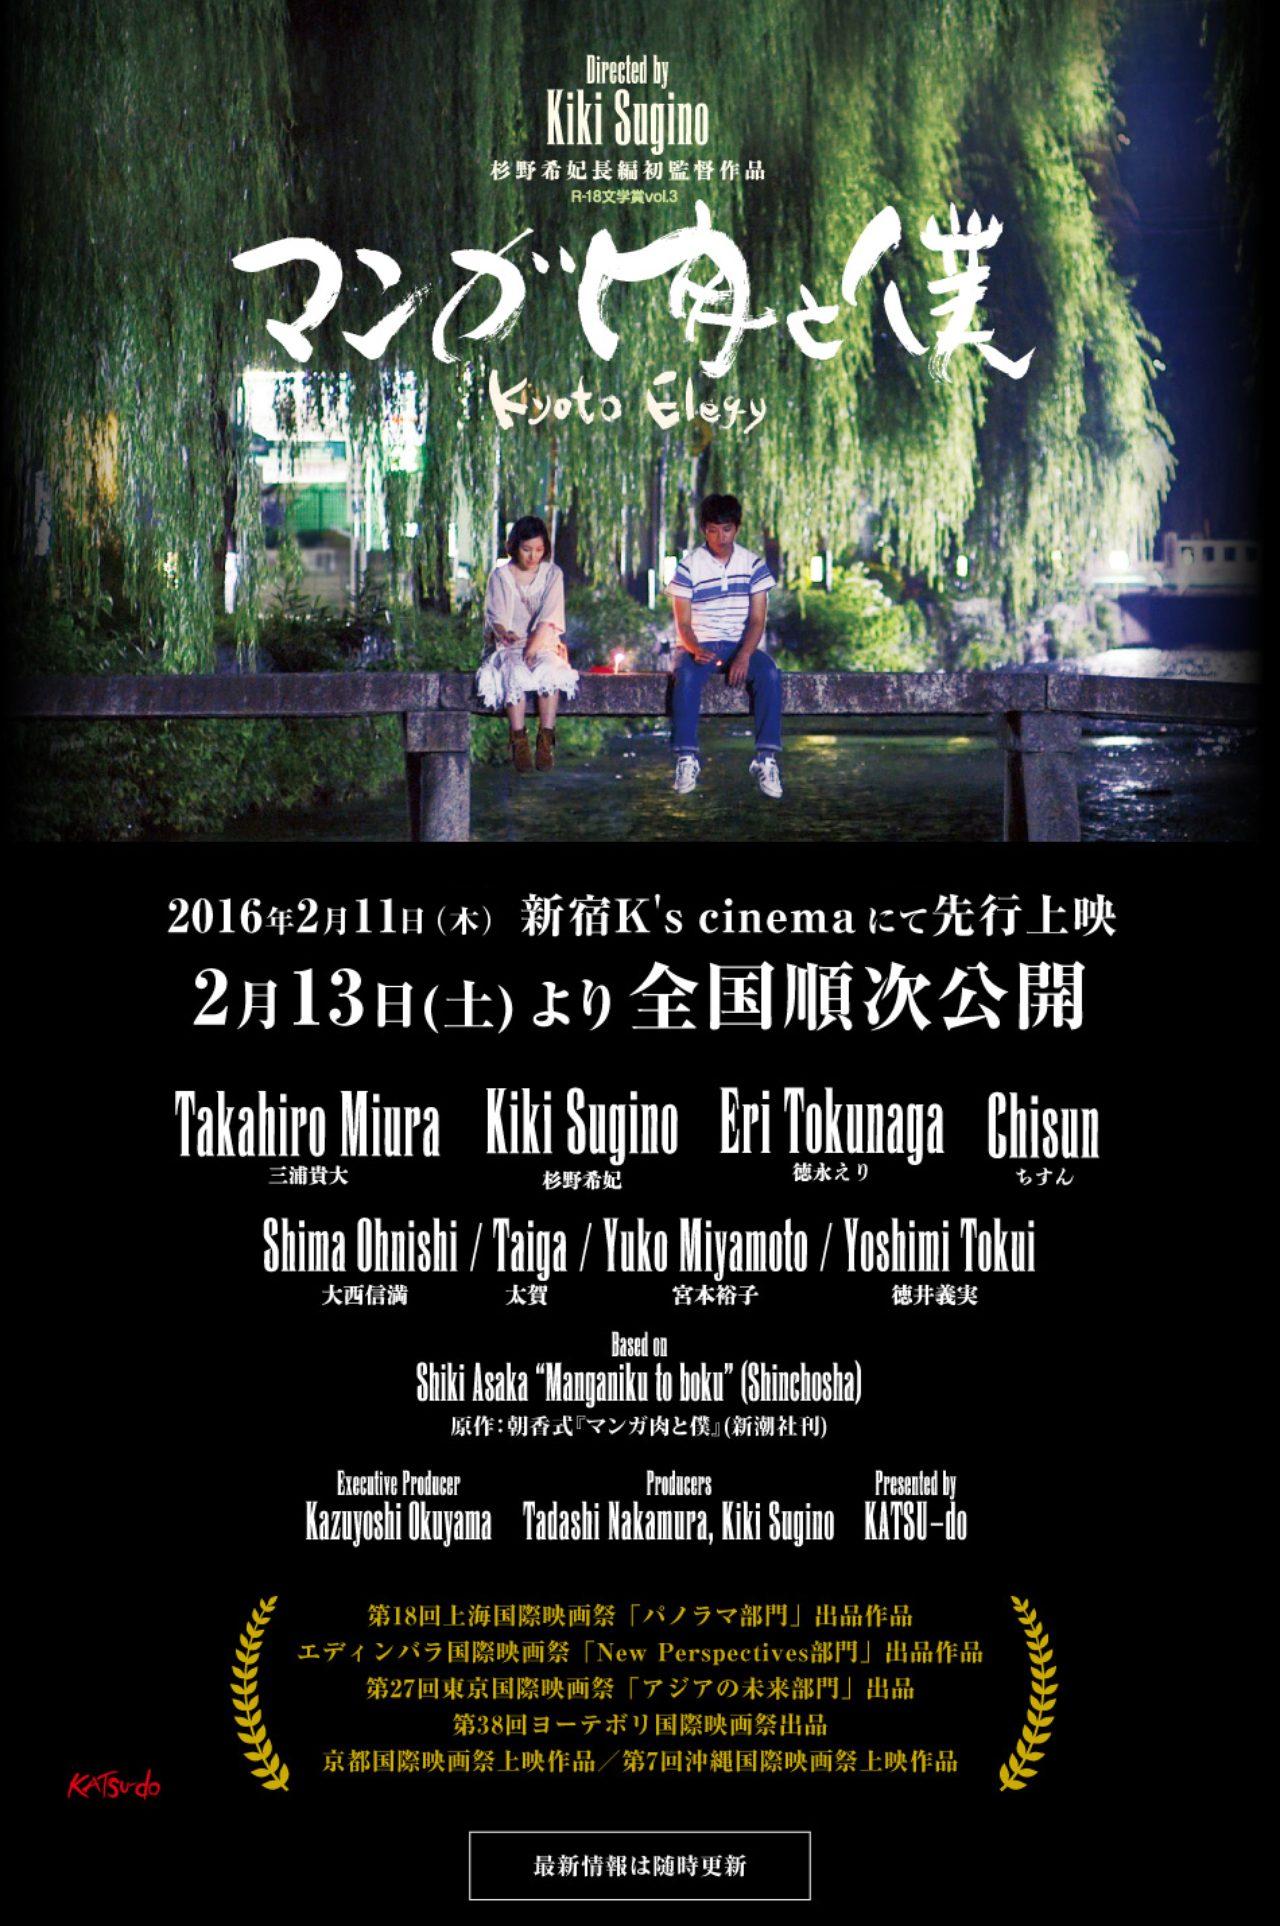 画像: 映画『マンガ肉と僕 Kyoto Elegy』公式サイト